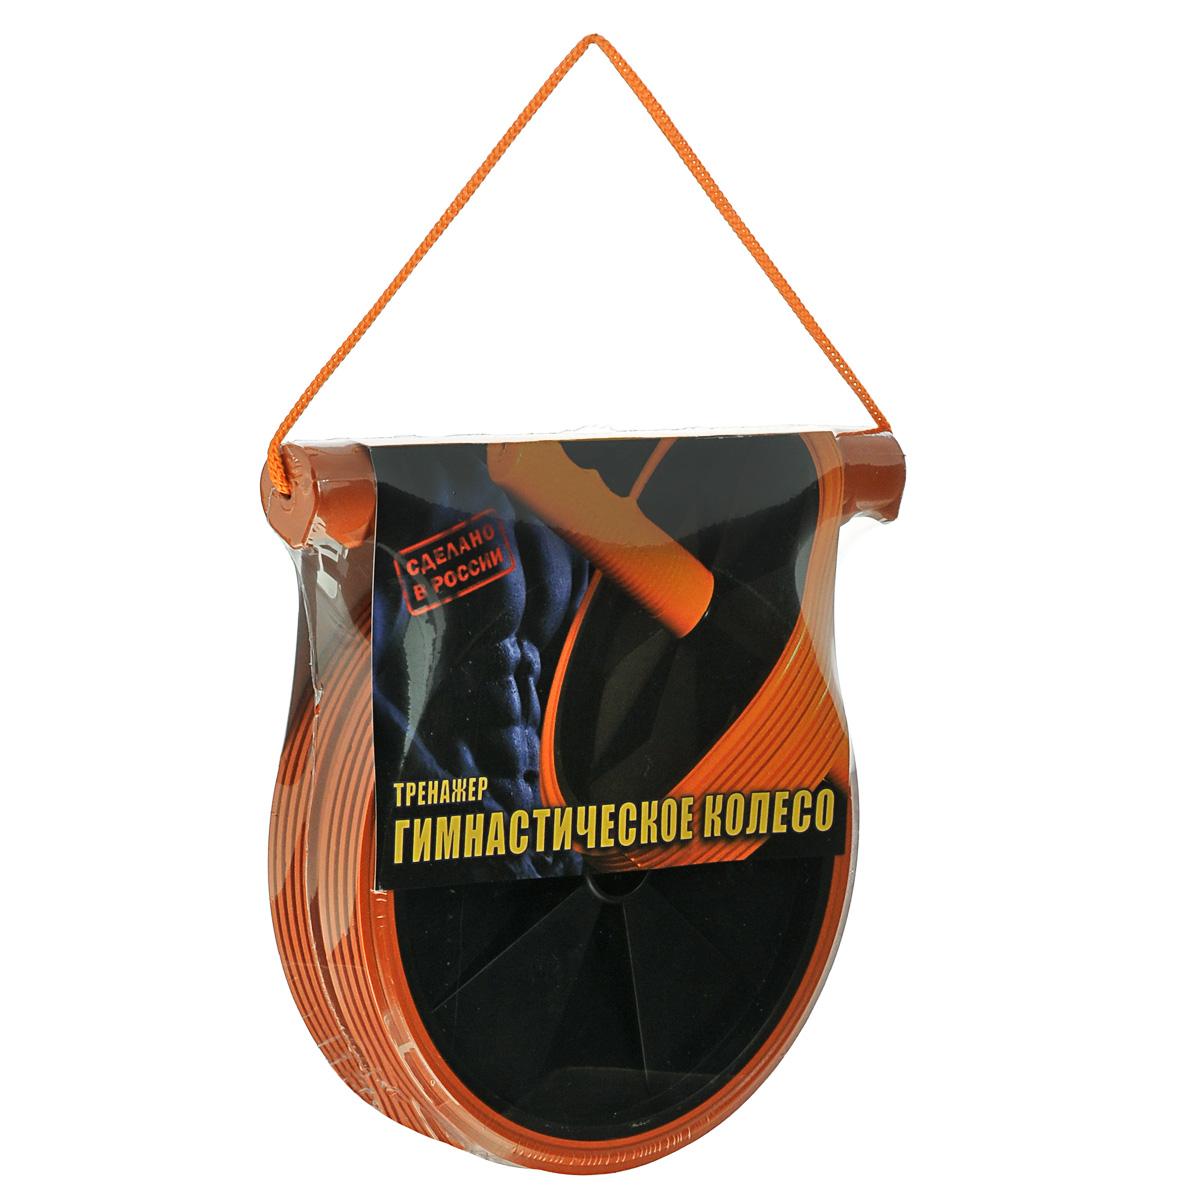 Ролик гимнастический Варяг, двойной, цвет: оранжевый, черныйSF 0085Гимнастический ролик Варяг представляет собой два пластиковых колеса, надетых на металлический стержень с ручками, предназначен для индивидуальных занятий физкультурой и фитнесом. Тренировки с гимнастическим роликом повышают тонус мышц брюшного пресса, рук, ног, бедер и плеч, а также значительно улучшают рельеф и форму живота. При сборке для облегчения снятия резиновой части ручки нужно немного нагреть её, например паром из чайника или горячей водой.Гимнастический ролик Варяг поможет поддерживать ваше тело в хорошей физической форме, развивать гибкость, выносливость и избавиться от лишнего веса.Диаметр ролика: 18 см. Длина ручки: 22 см. Толщина ролика: 4,5 см.